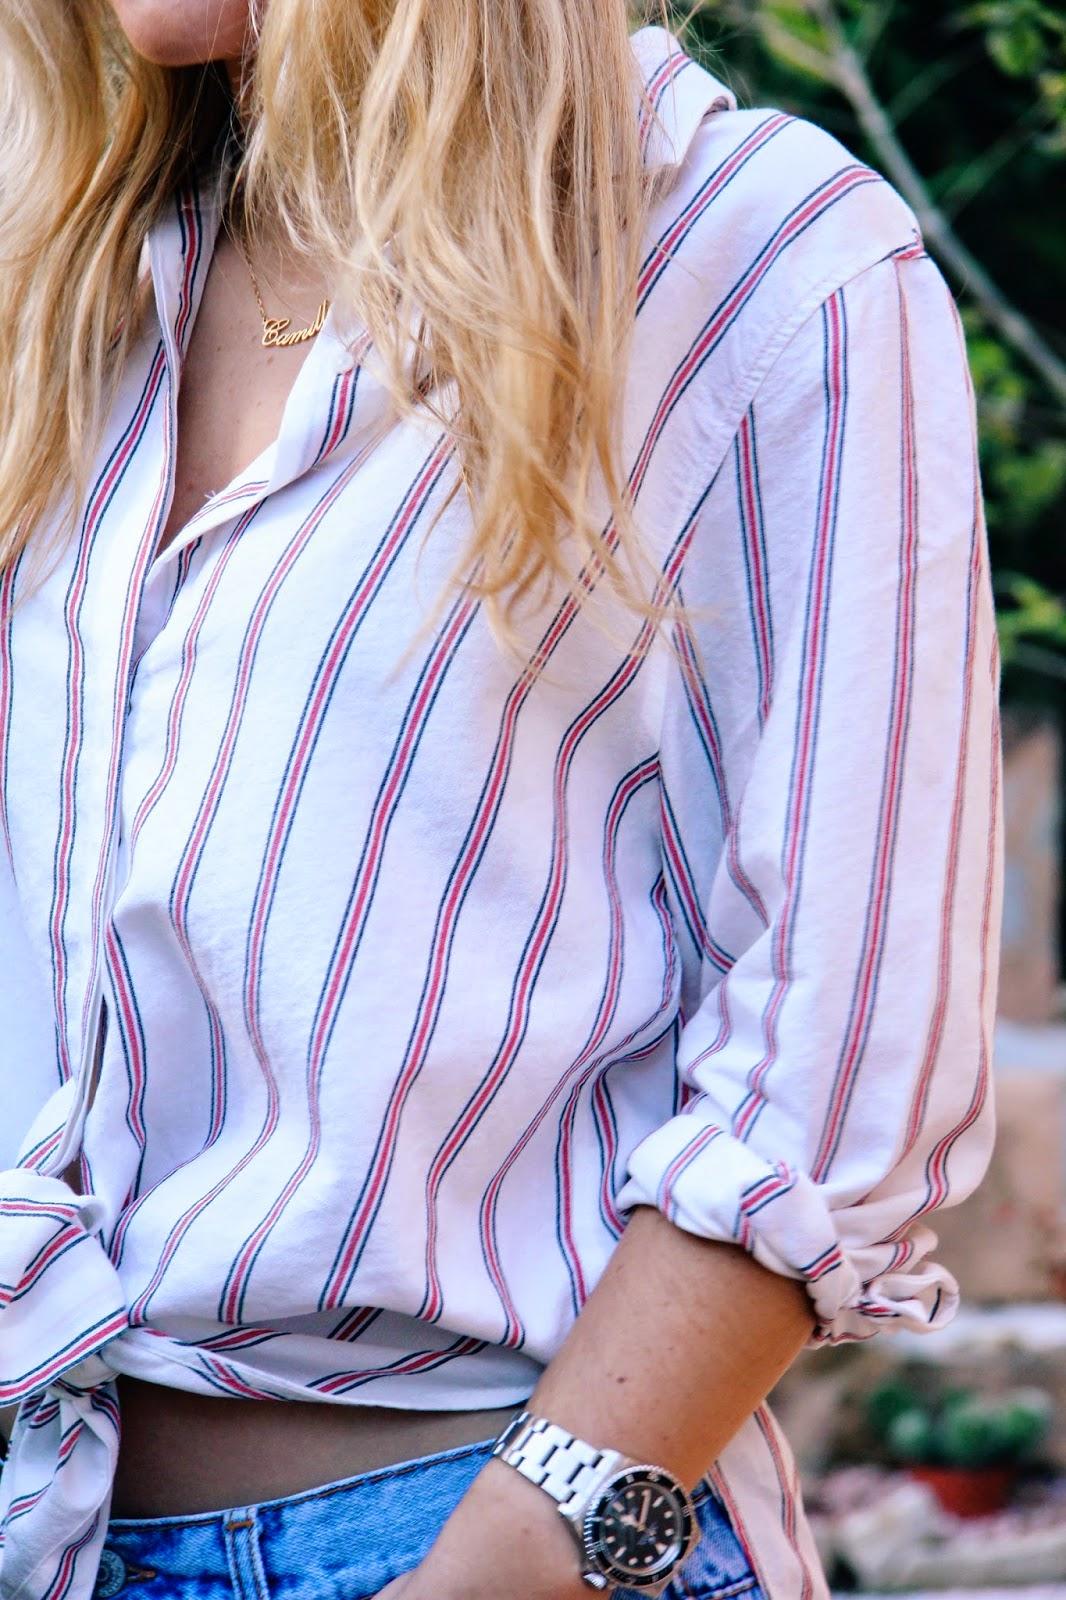 Camille et les garçons The stripped shirt 1